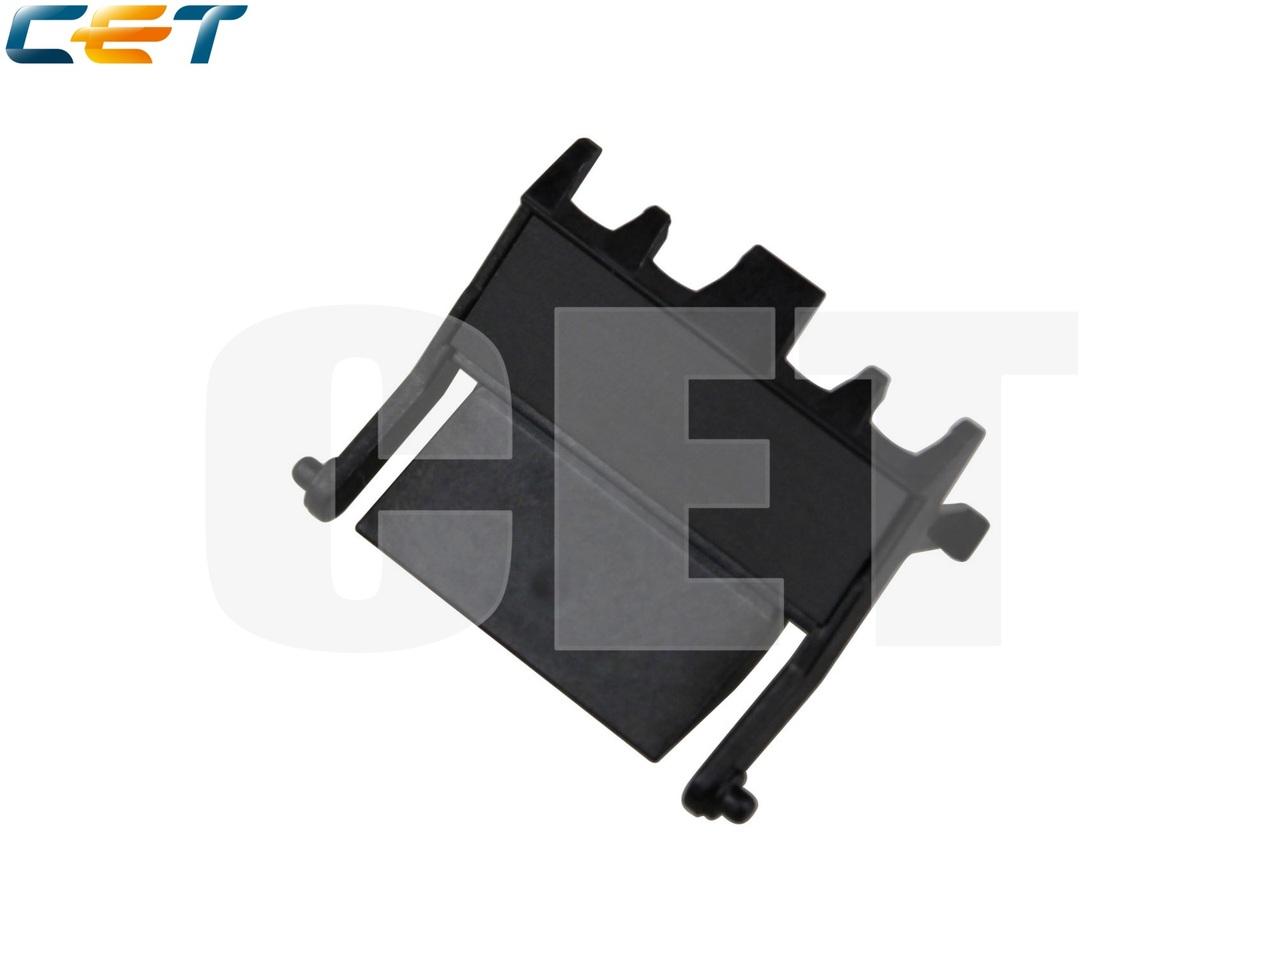 Тормозная площадка для BROTHERHL-L5000D/L5100DN/L5200DW, DCP-L5500DN,MFC-L5700DN/L6900DW (CET), CET2803